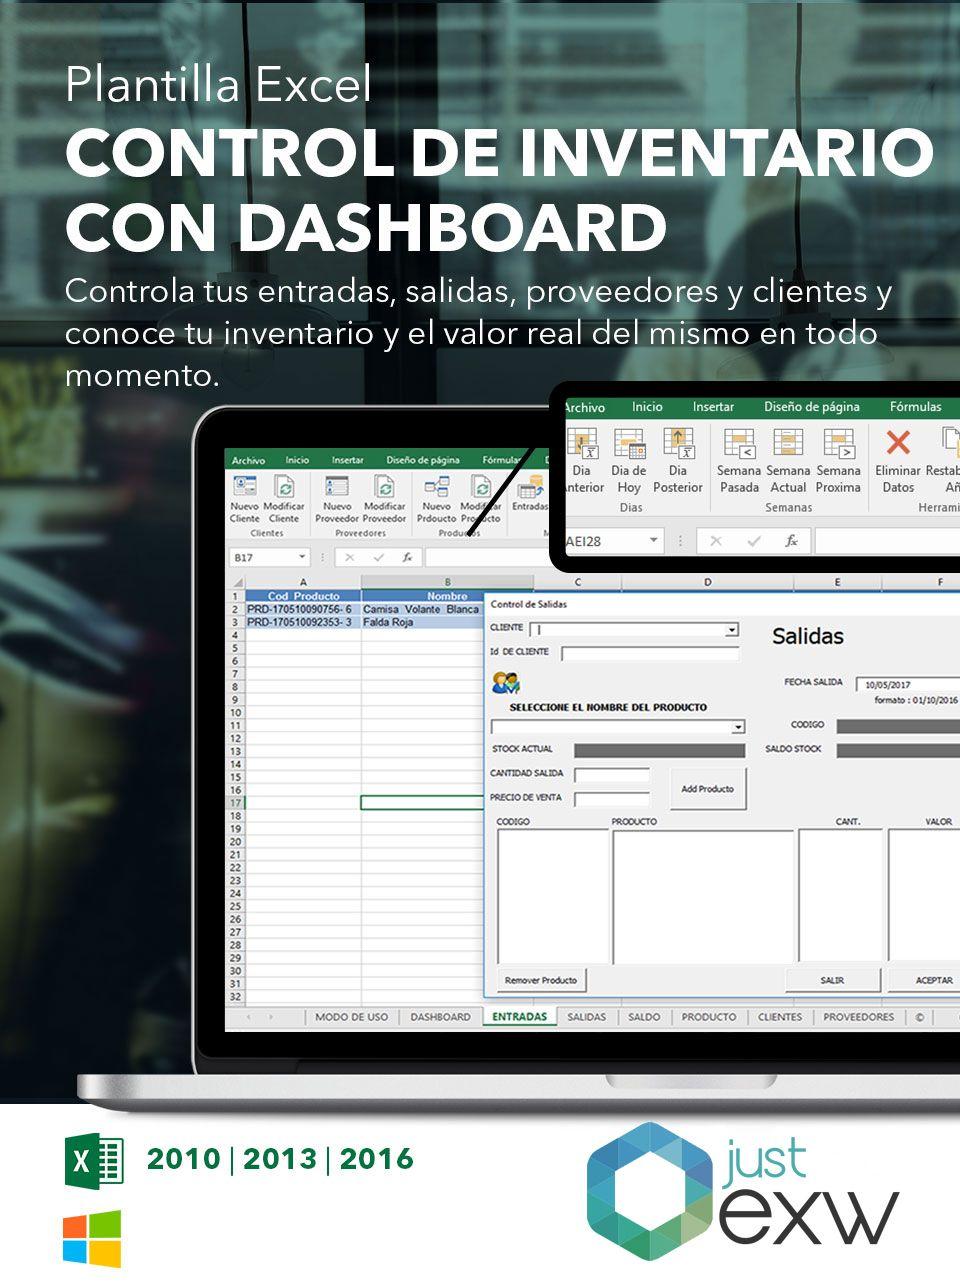 Plantilla de inventario para Excel | Plantillas para descargar